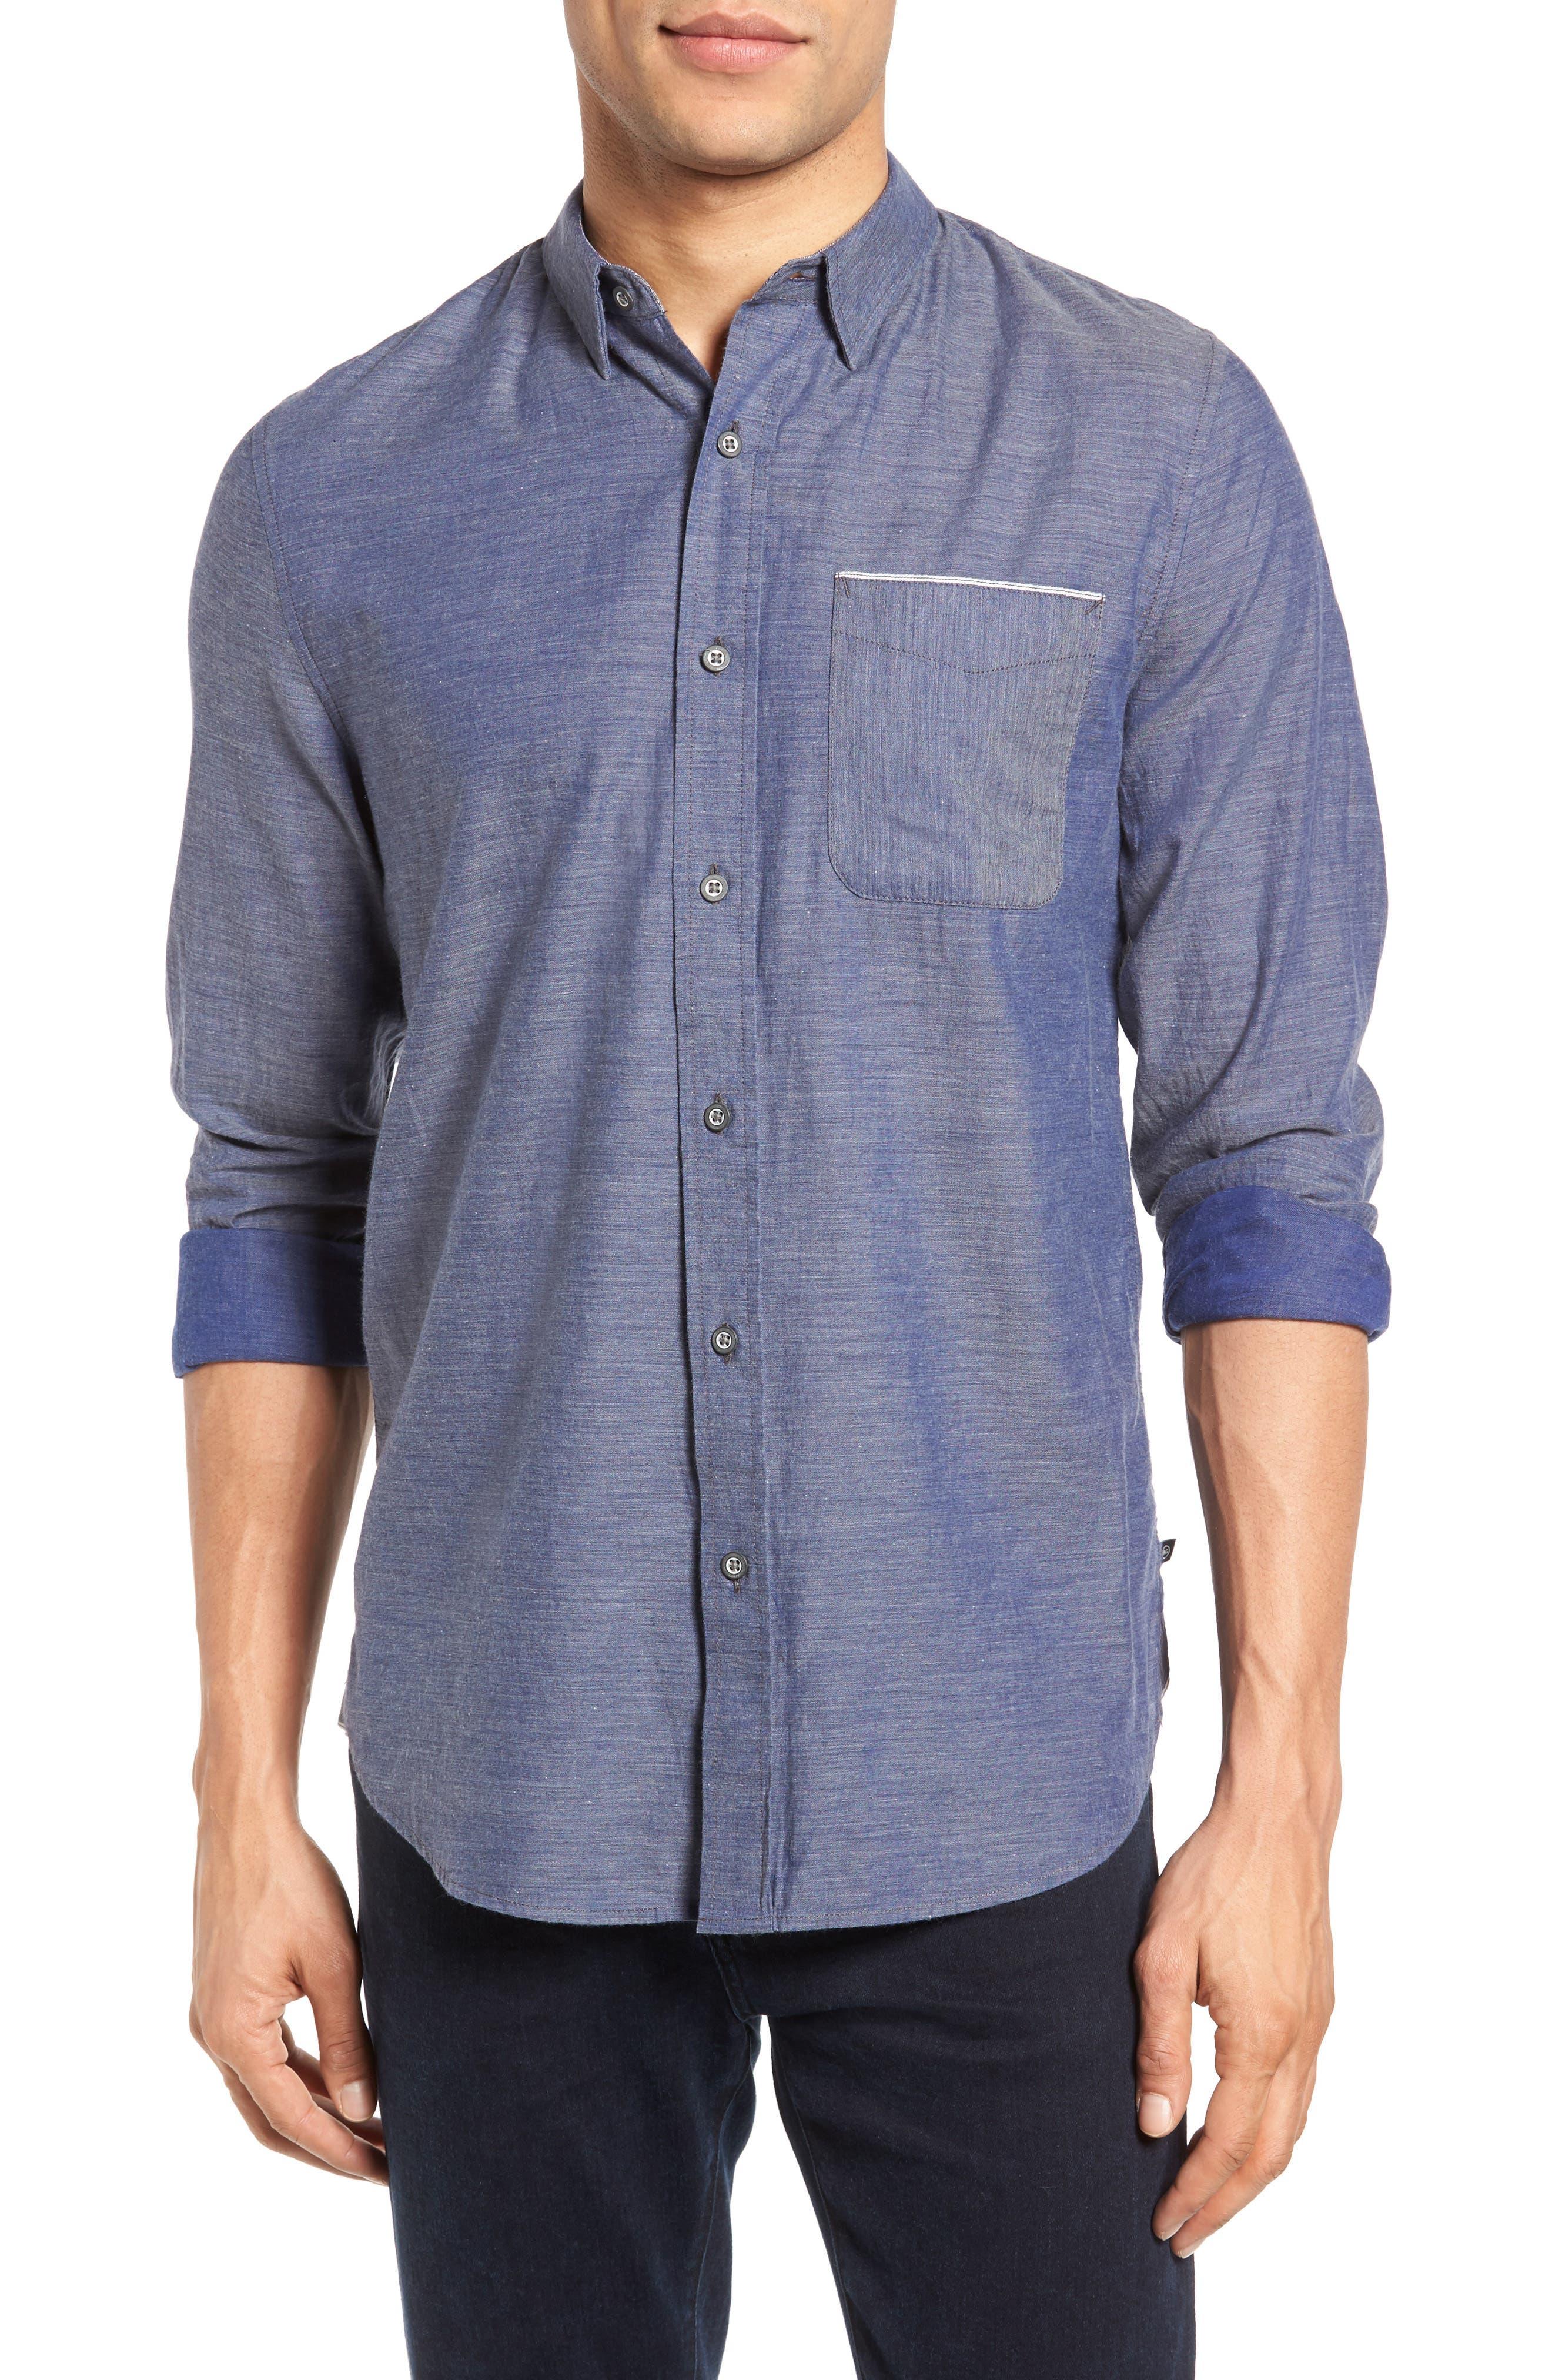 Colton Trim Fit Sport Shirt,                         Main,                         color, Heather Frontier Blue